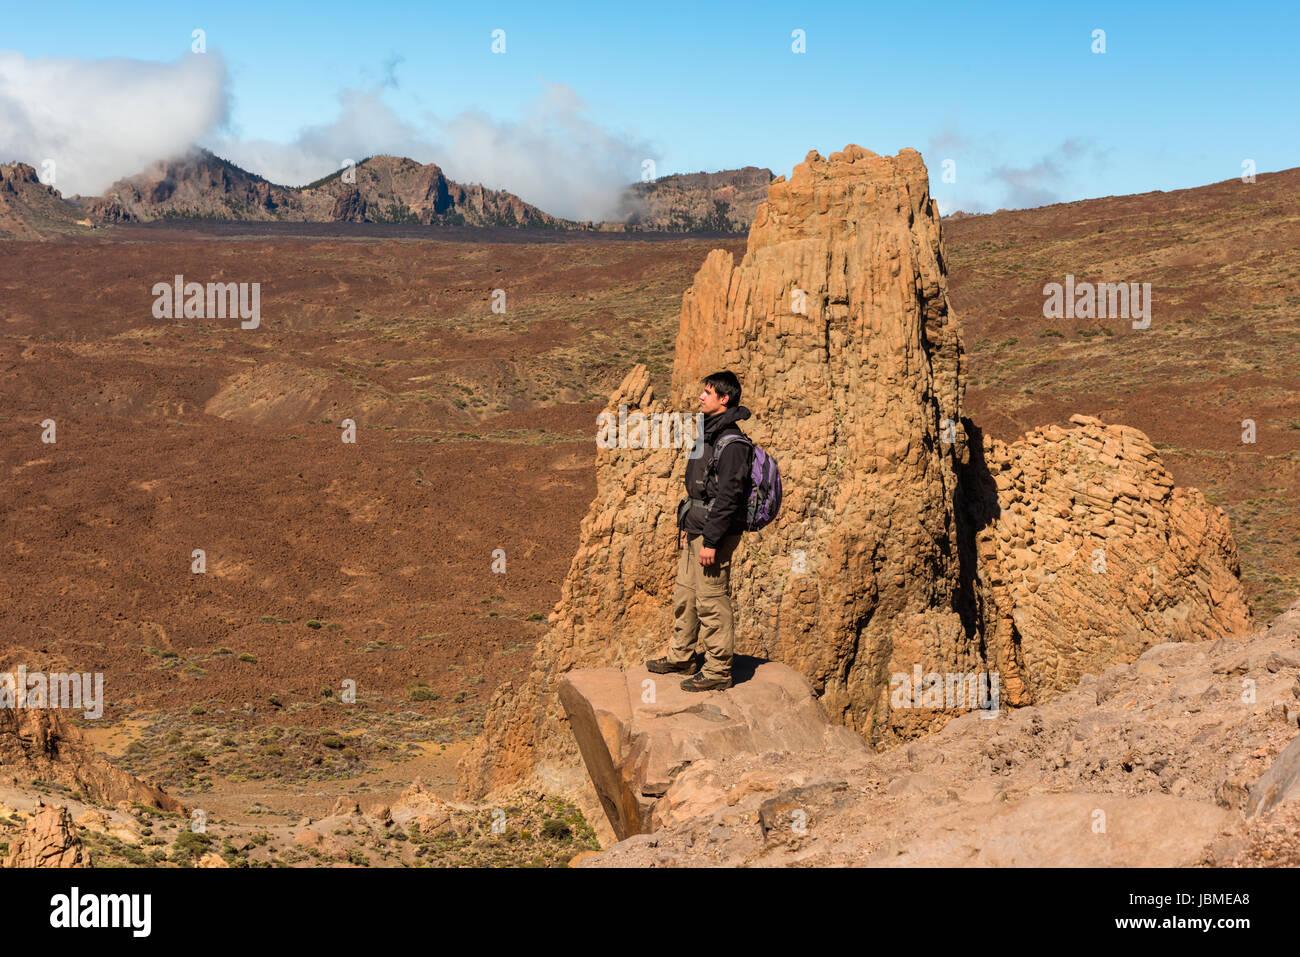 Wanderer Mensch Wandern Teide Nationalpark Tenefire Stockbild